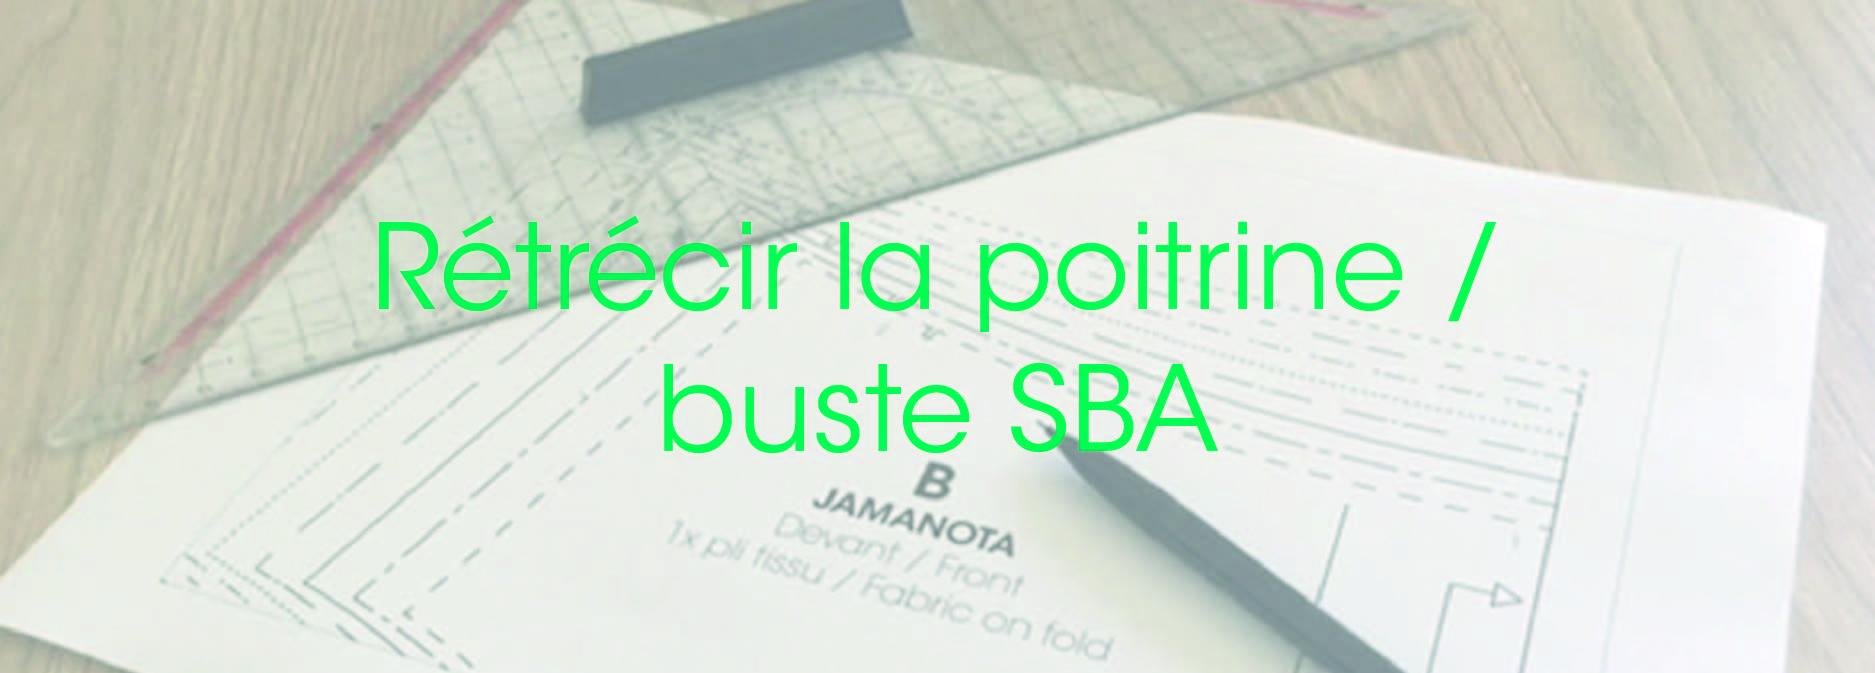 Modélisme_Comment_rétrécir_la_poitrine_SBA